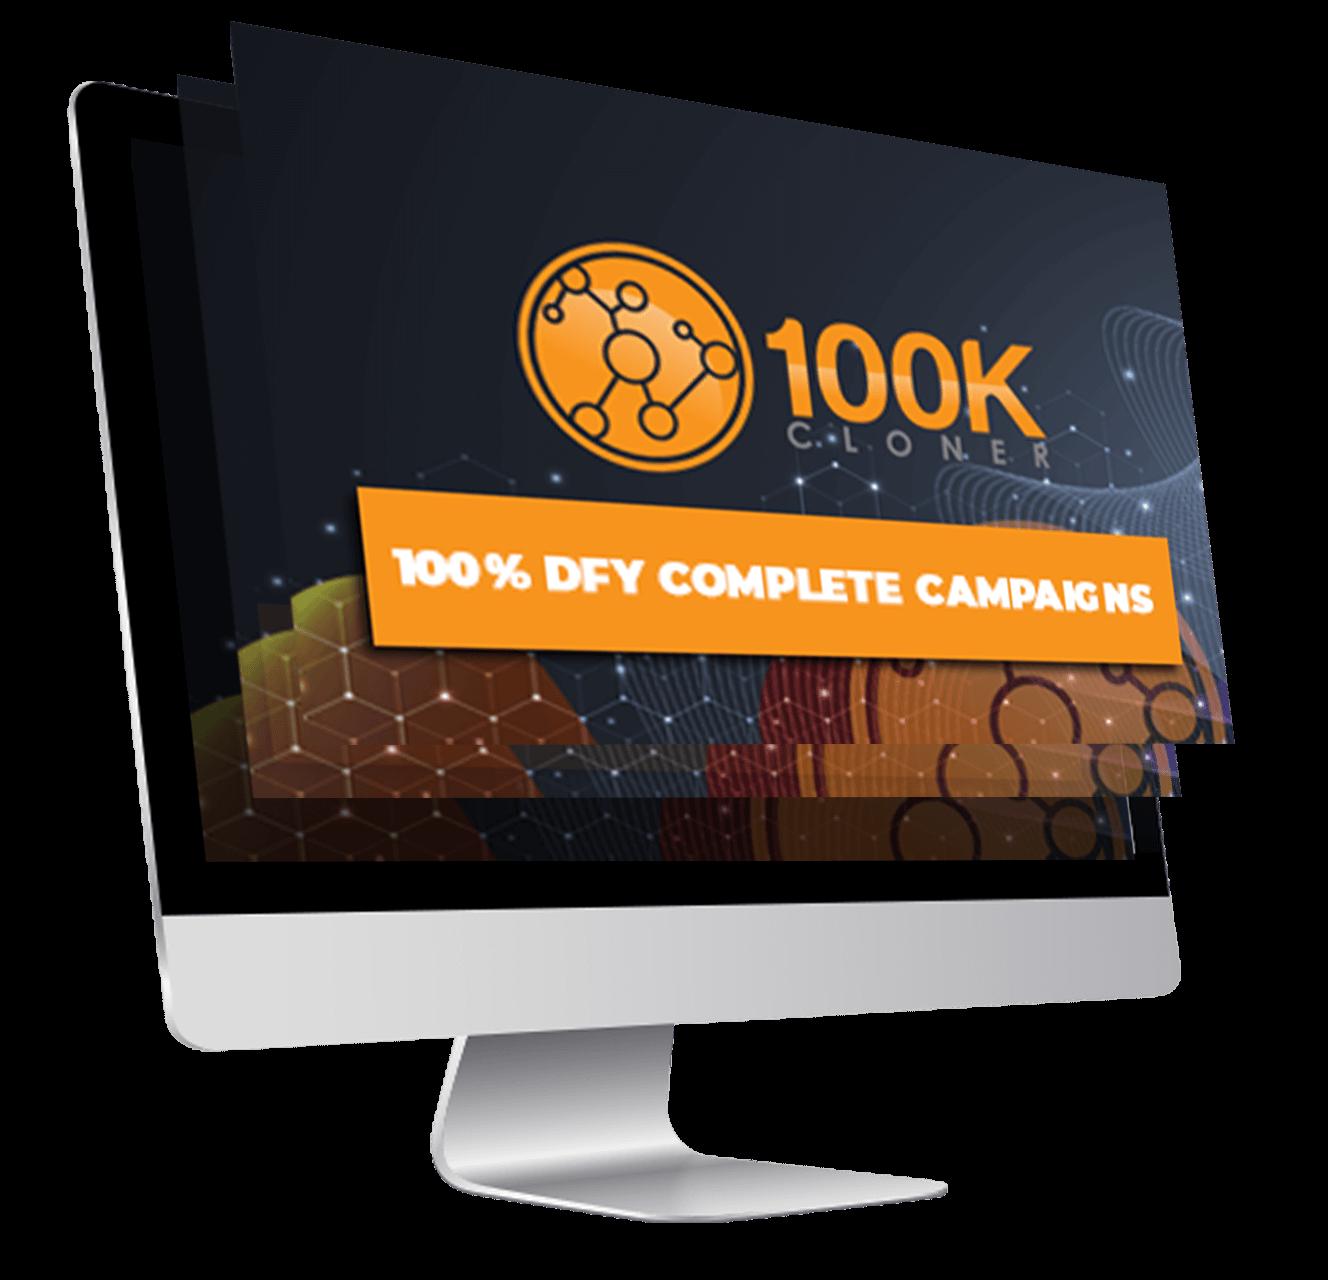 100K-Cloner-feature-3